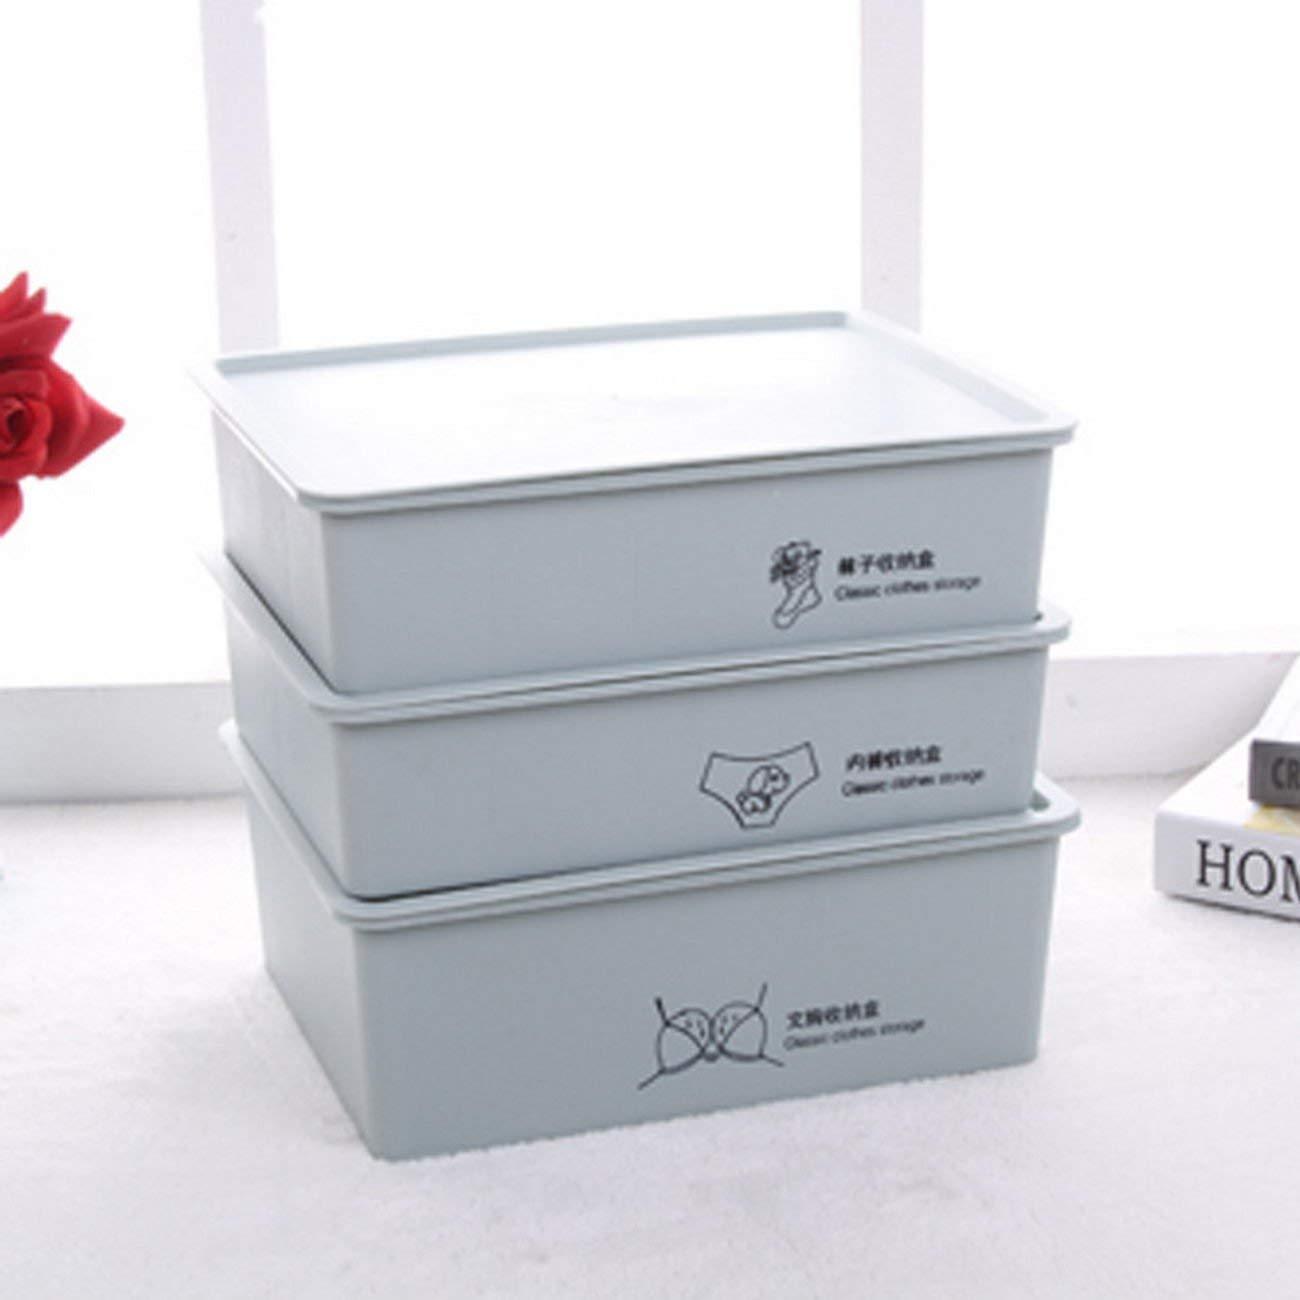 jii2030shann cover x fifteen lattice storage box storage box finishing lattice socks underwear bra storage finishing , finishing storage box, storage box